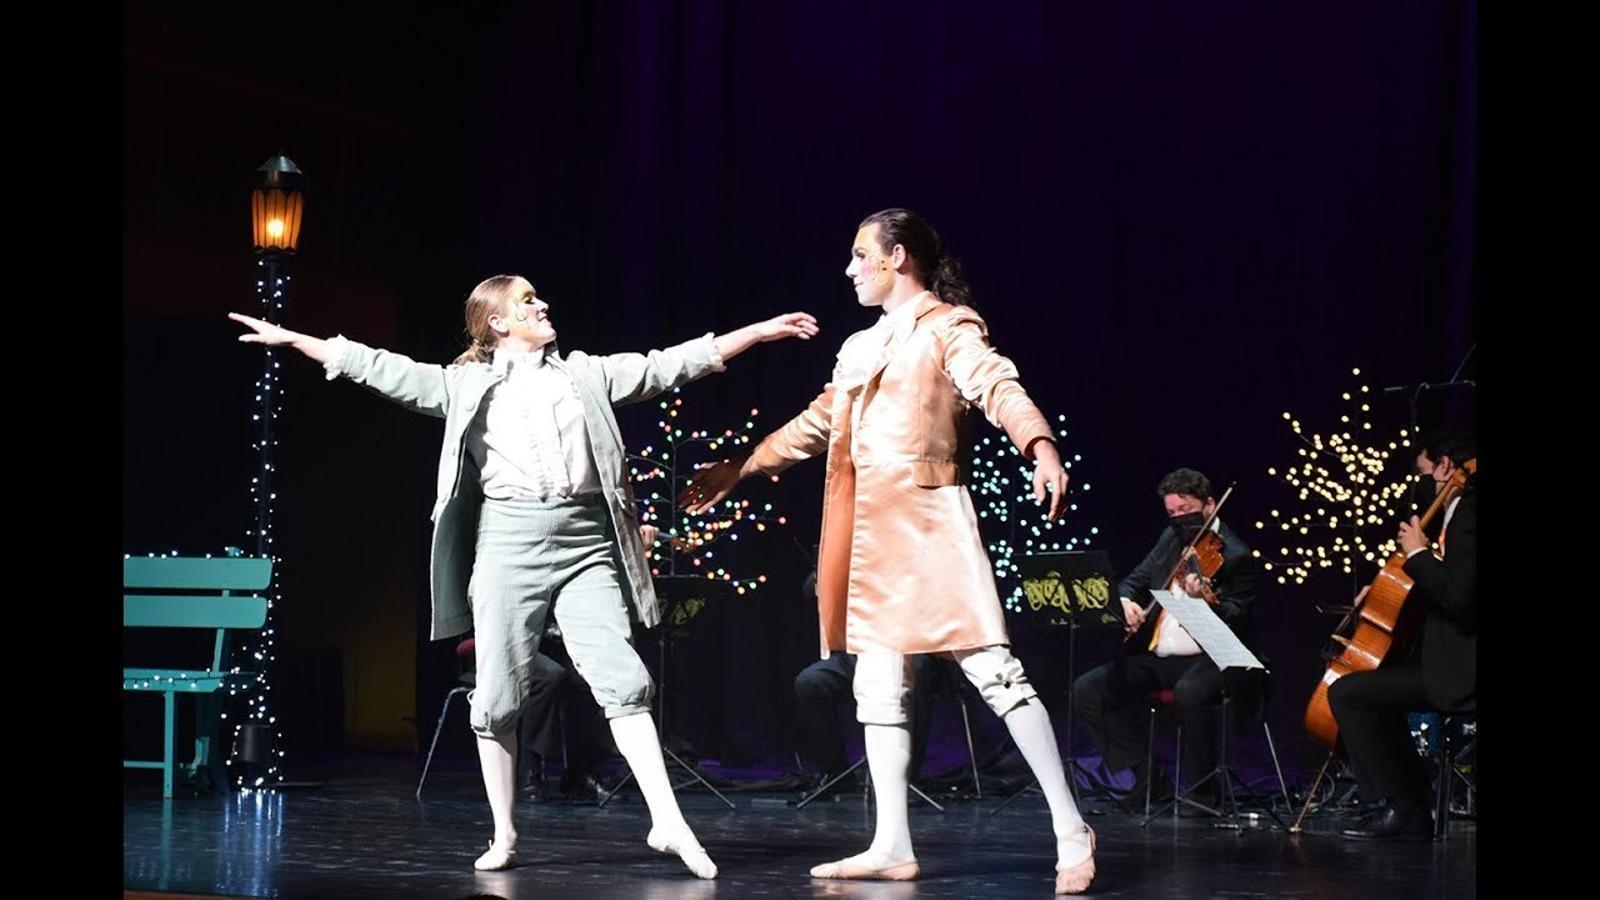 Humor, dansa i sons populars al concert de Cap d'Any